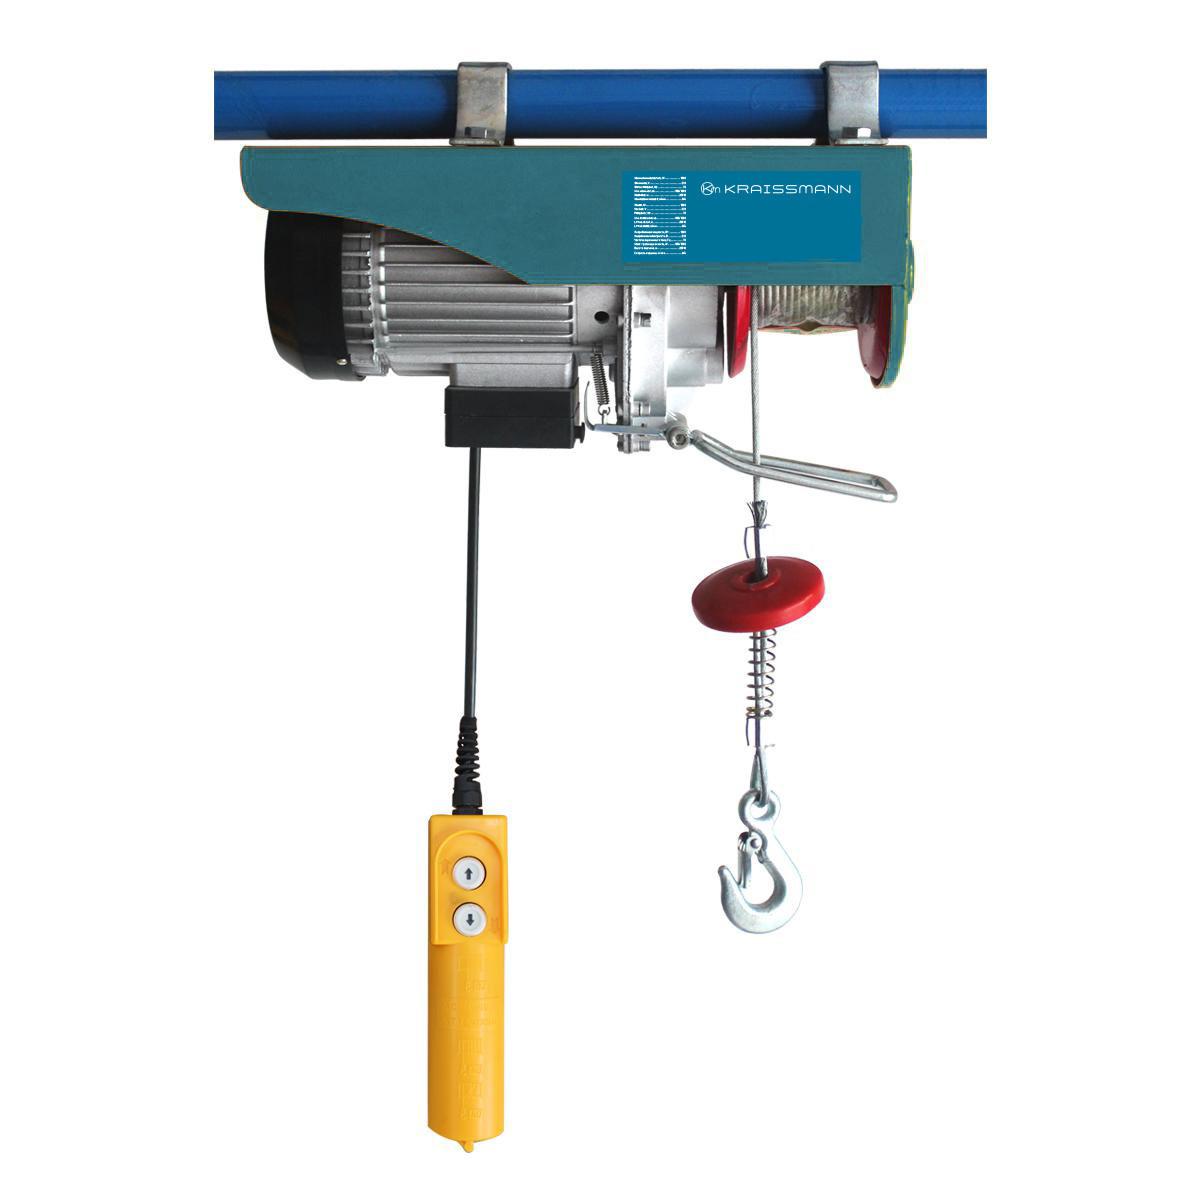 Електричний підйомник KRAISSMANN SH 125/250 (висота підйому 10м/20м)